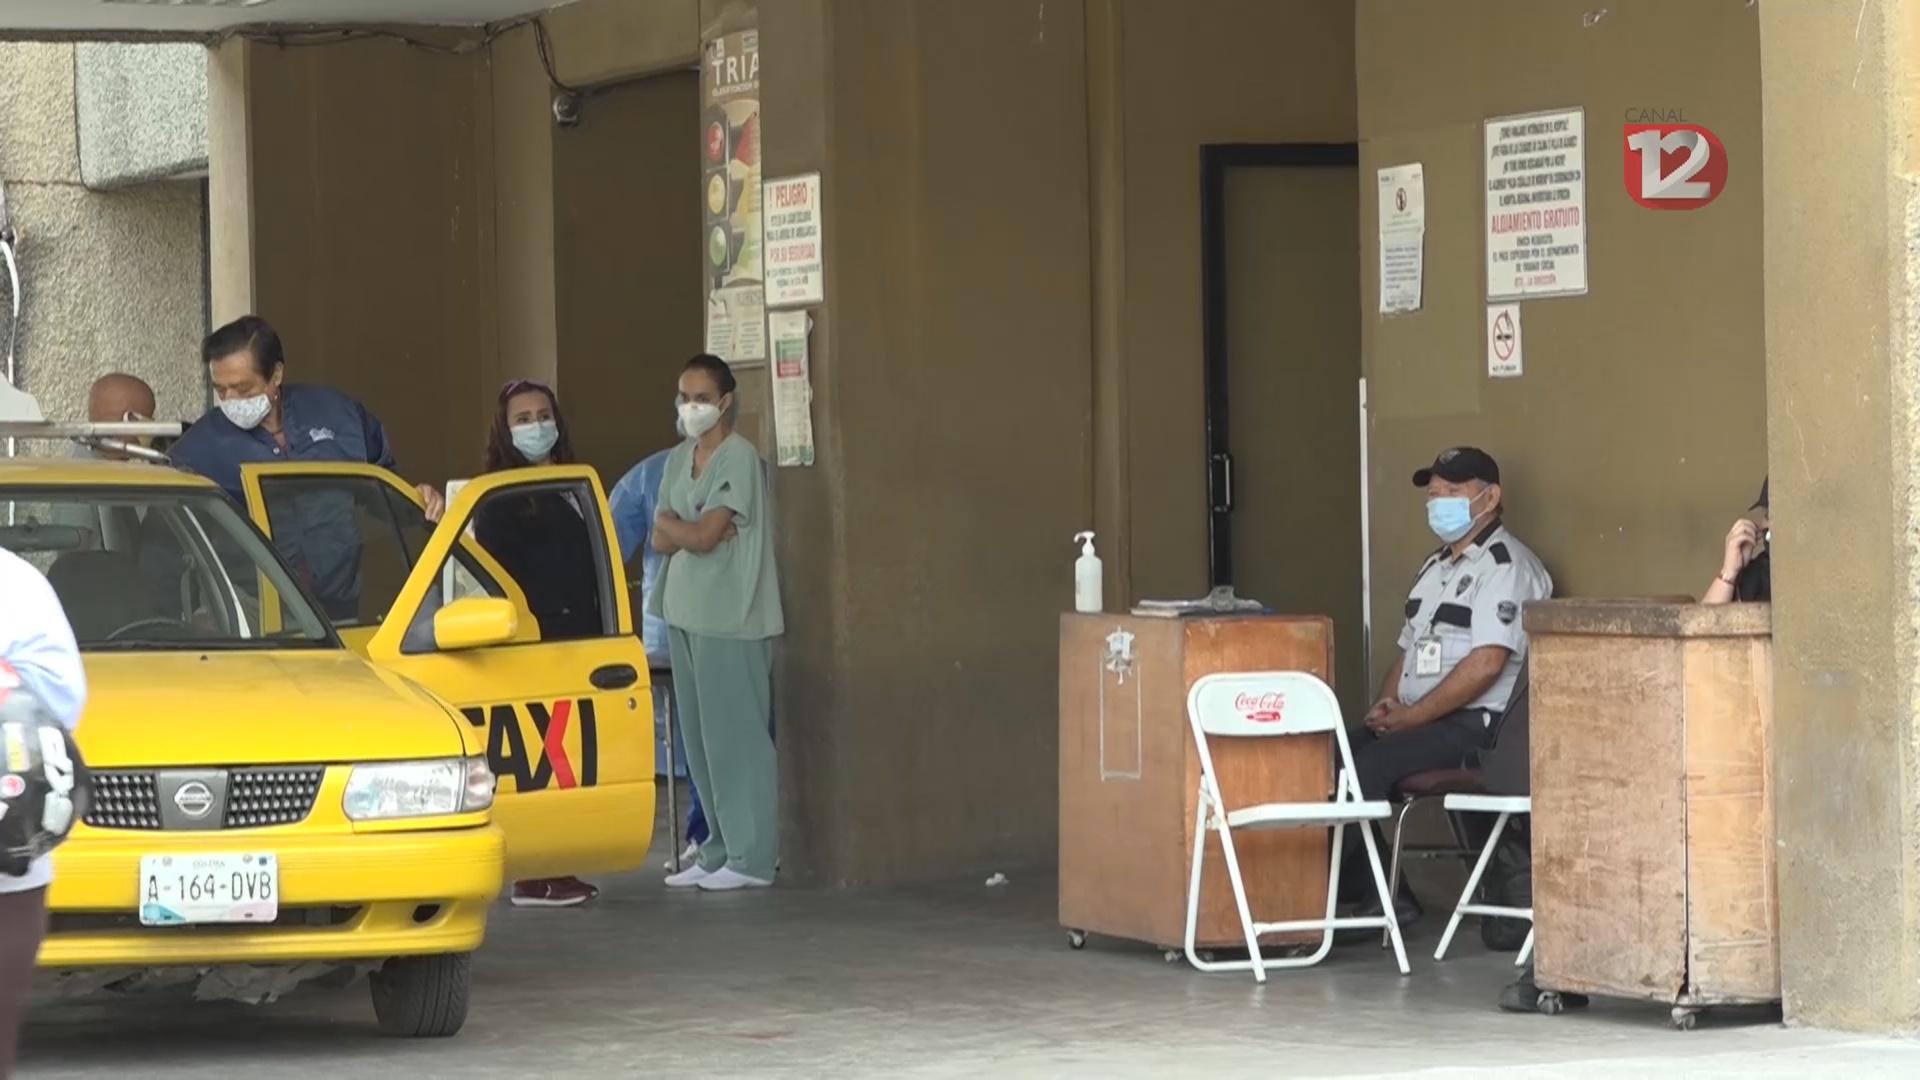 La pandemia en colima no es un caso menor; el índice de positividad es del 50%: secretaría de salud.